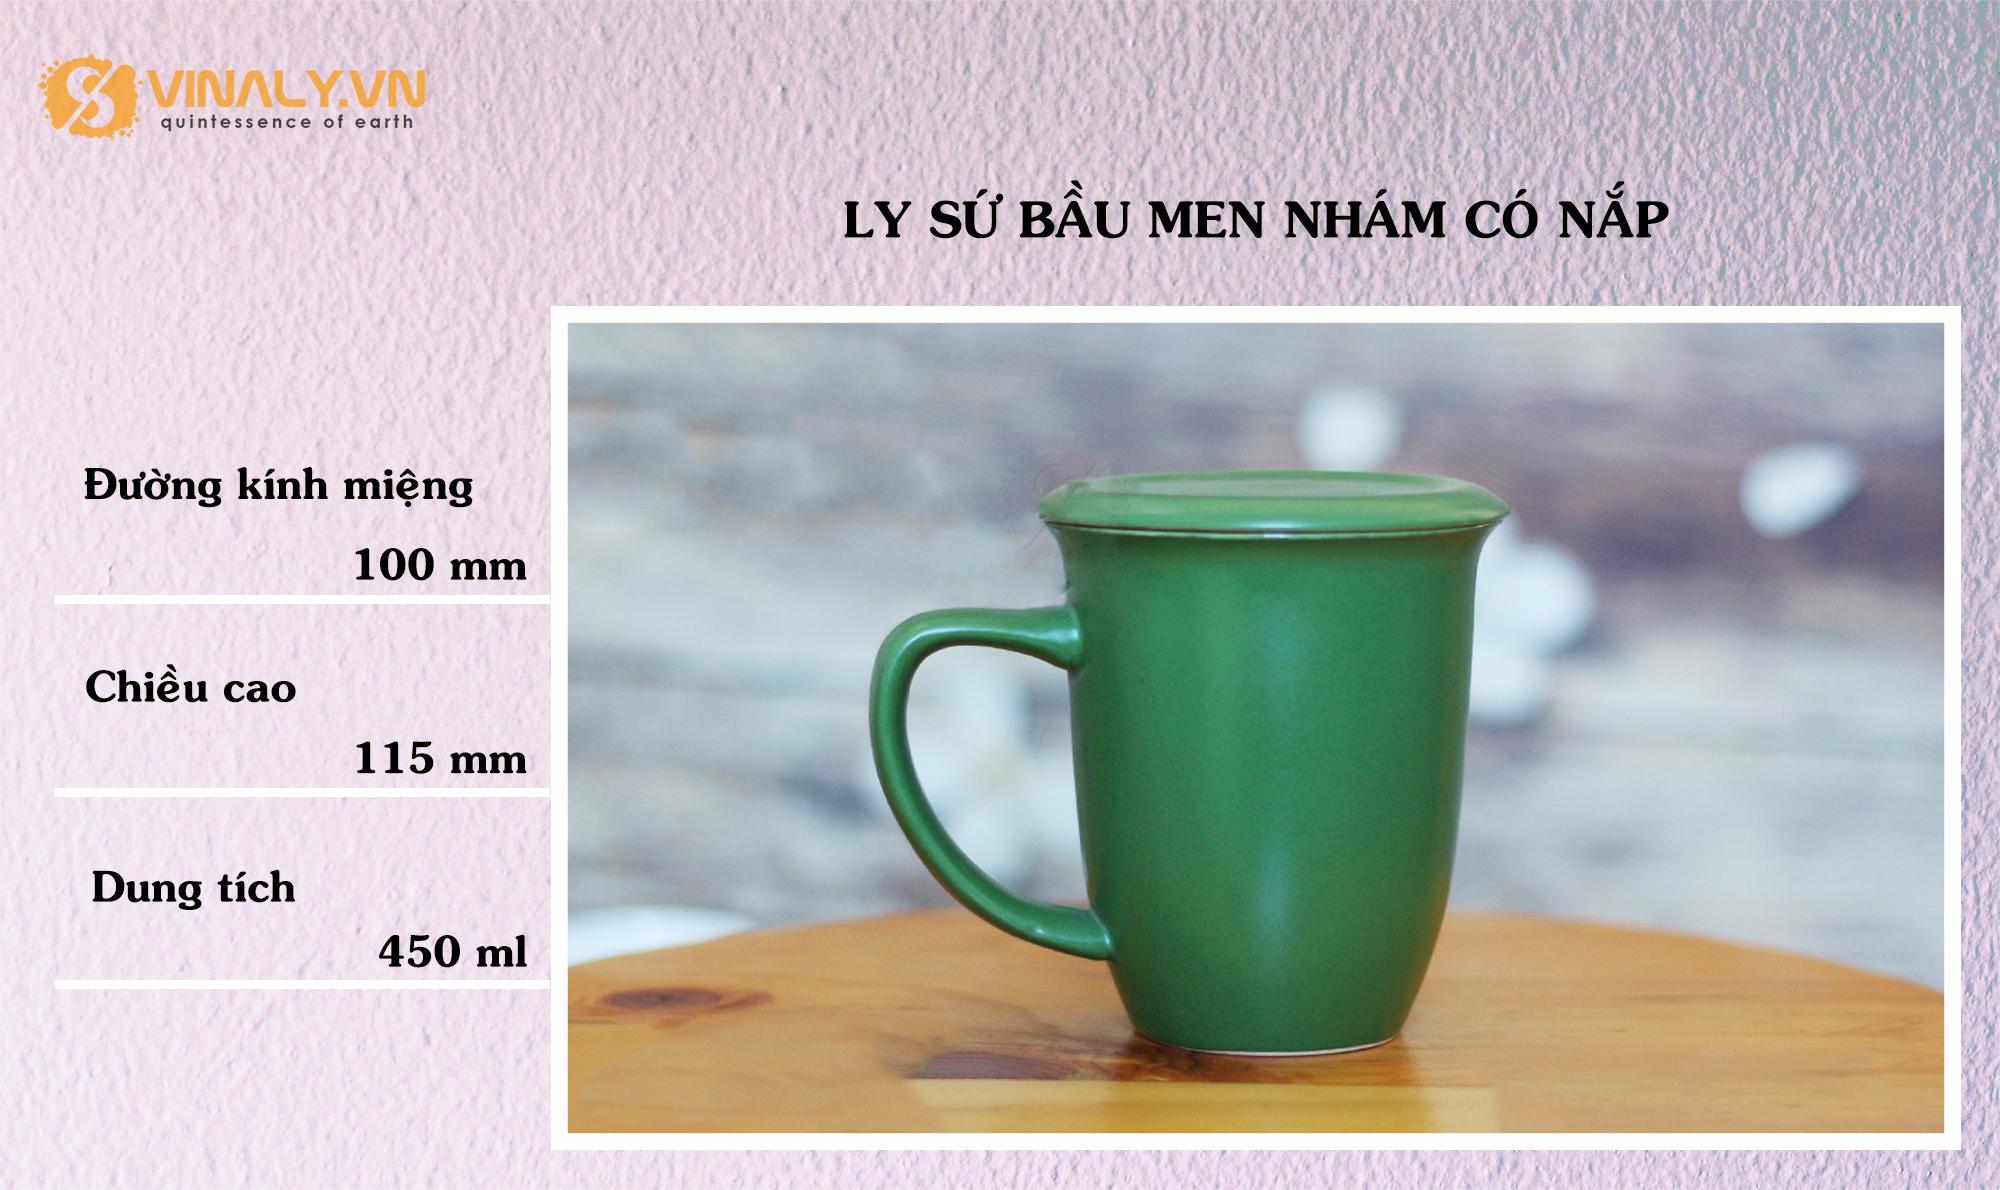 ly-su-vinaly-ly-su-in-logo-ly-su-bau-men-nham-co-nap.